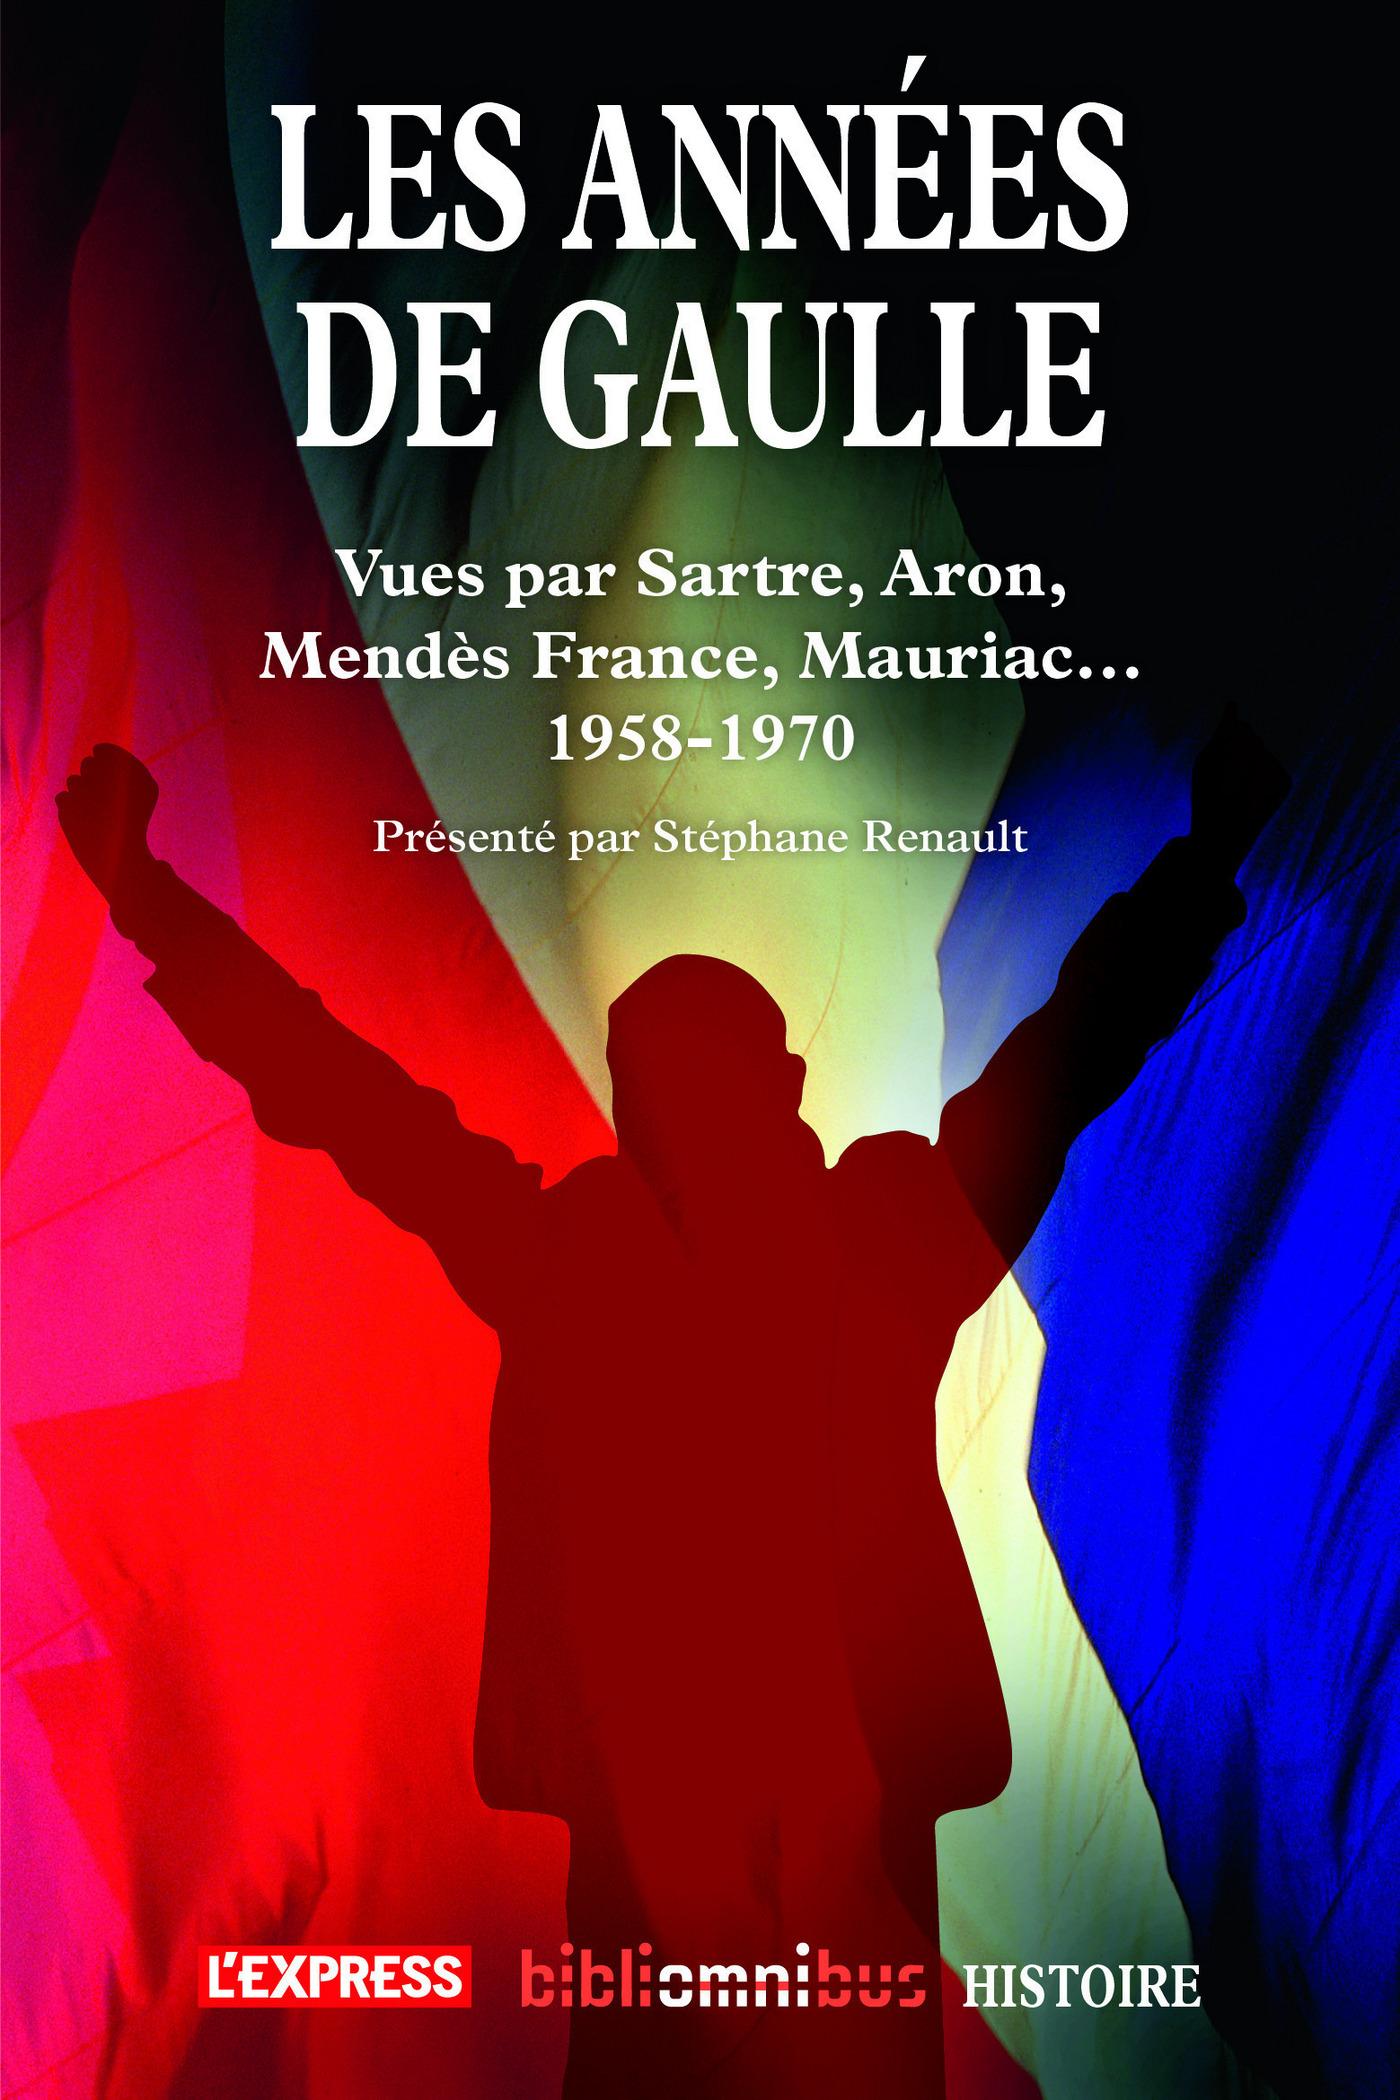 Les années De Gaulle 1958-1970, VUES PAR SATRE, ARON, MENDÈS FRANCE, MAURIAC...